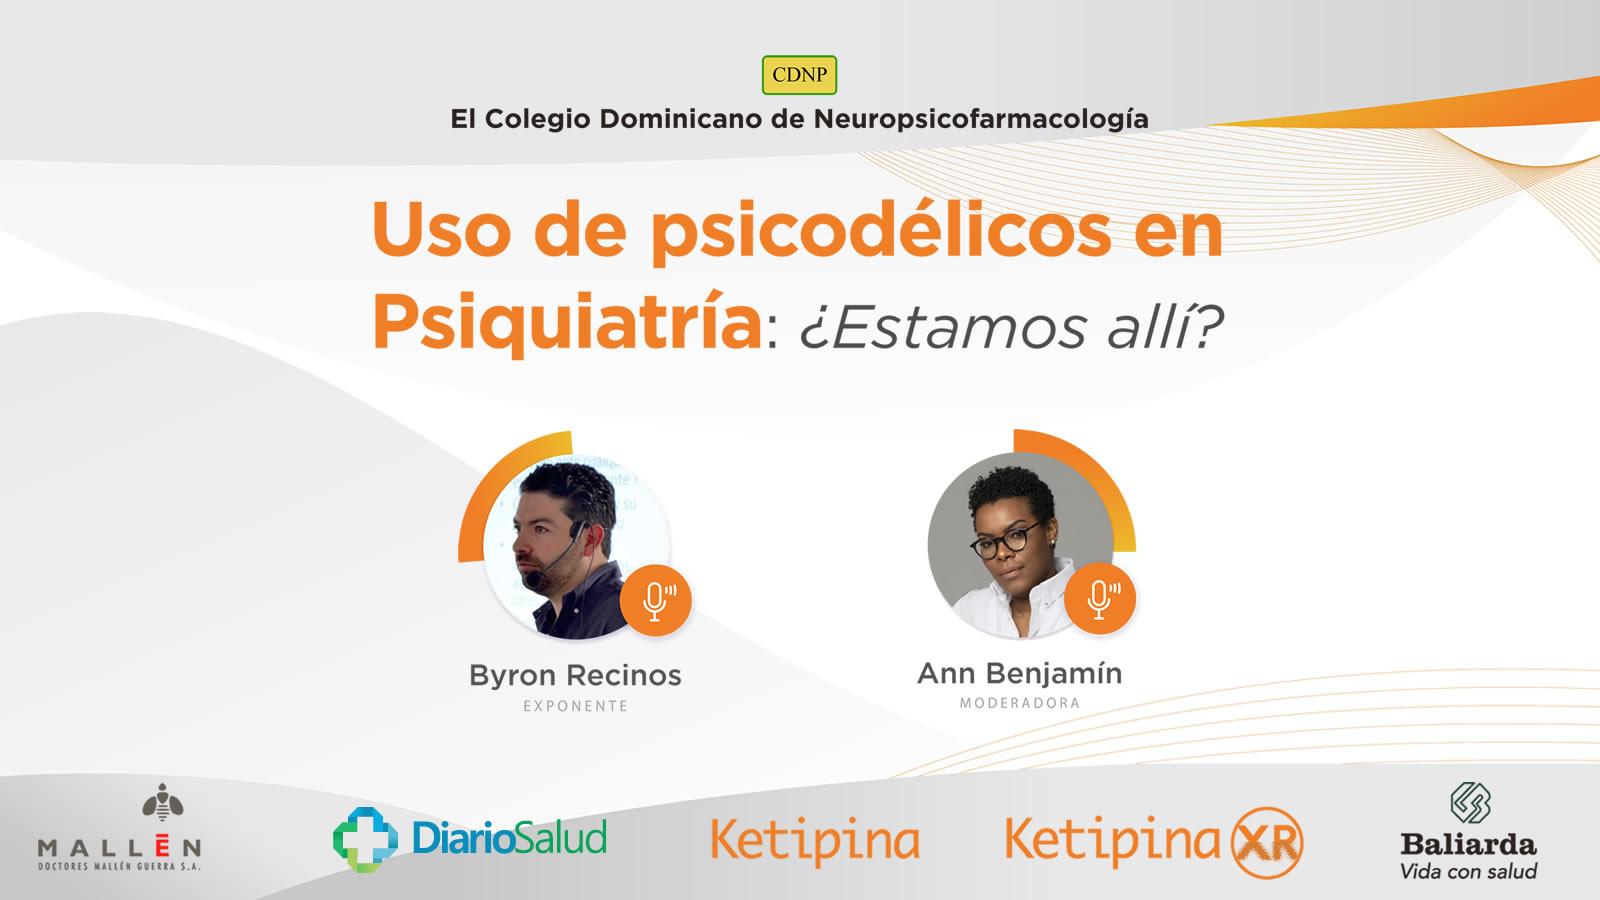 Discuten sobre uso de psicodélicos en Psiquiatría